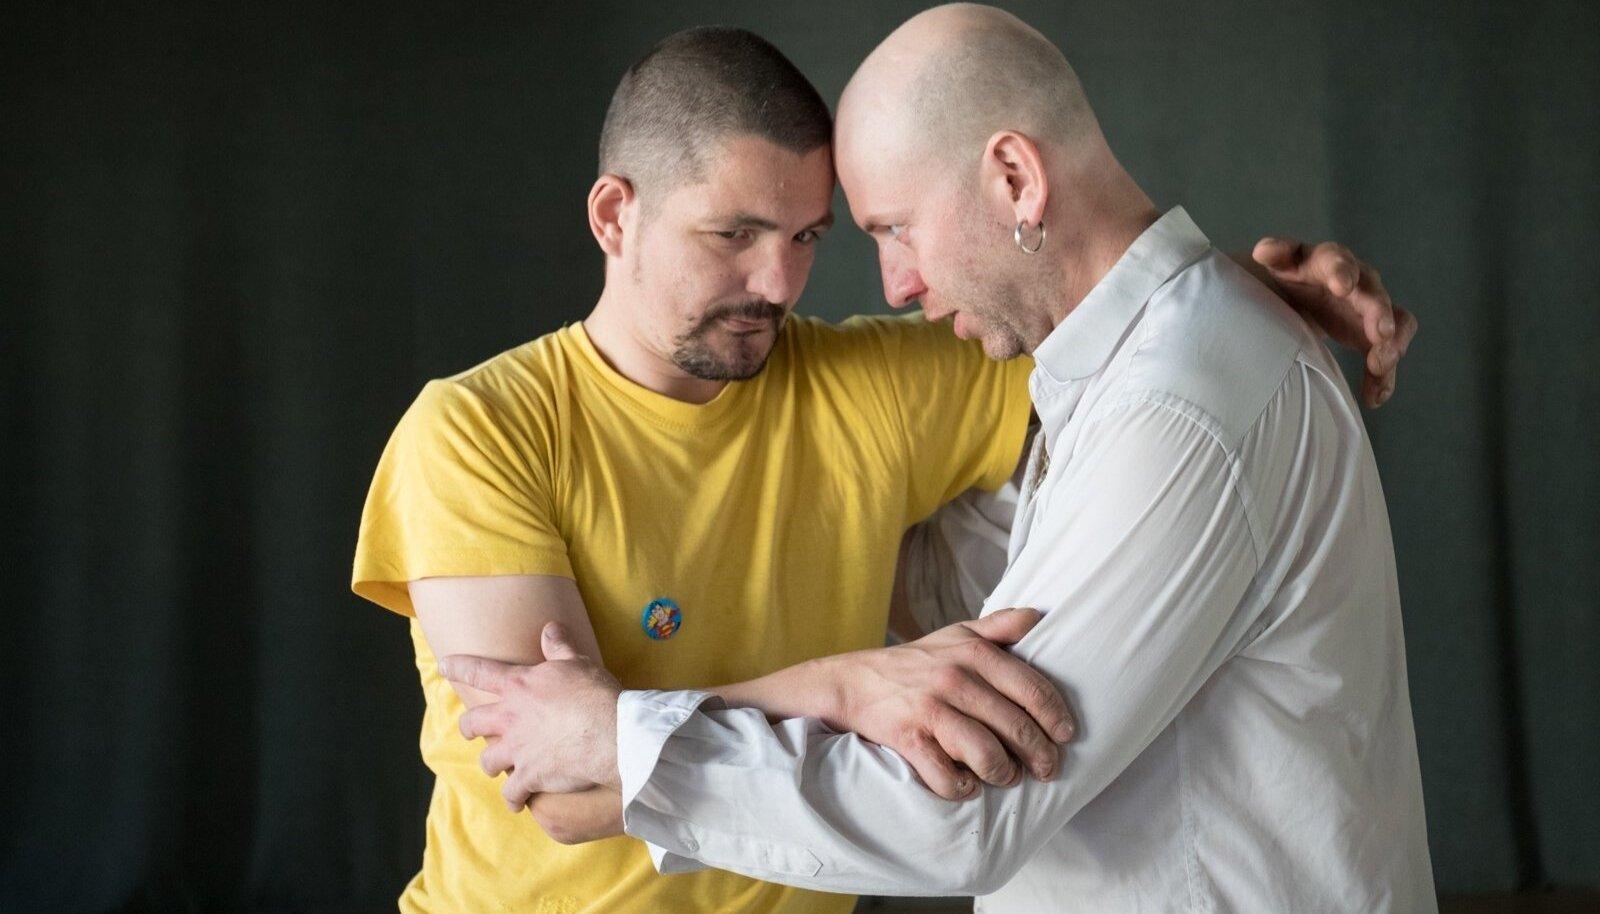 """""""Tead, mis on heteromeeste häda? Nad ei taju, kui erootilised nad on,"""" hurjutab Ivar Sild Jürgen Roostet."""